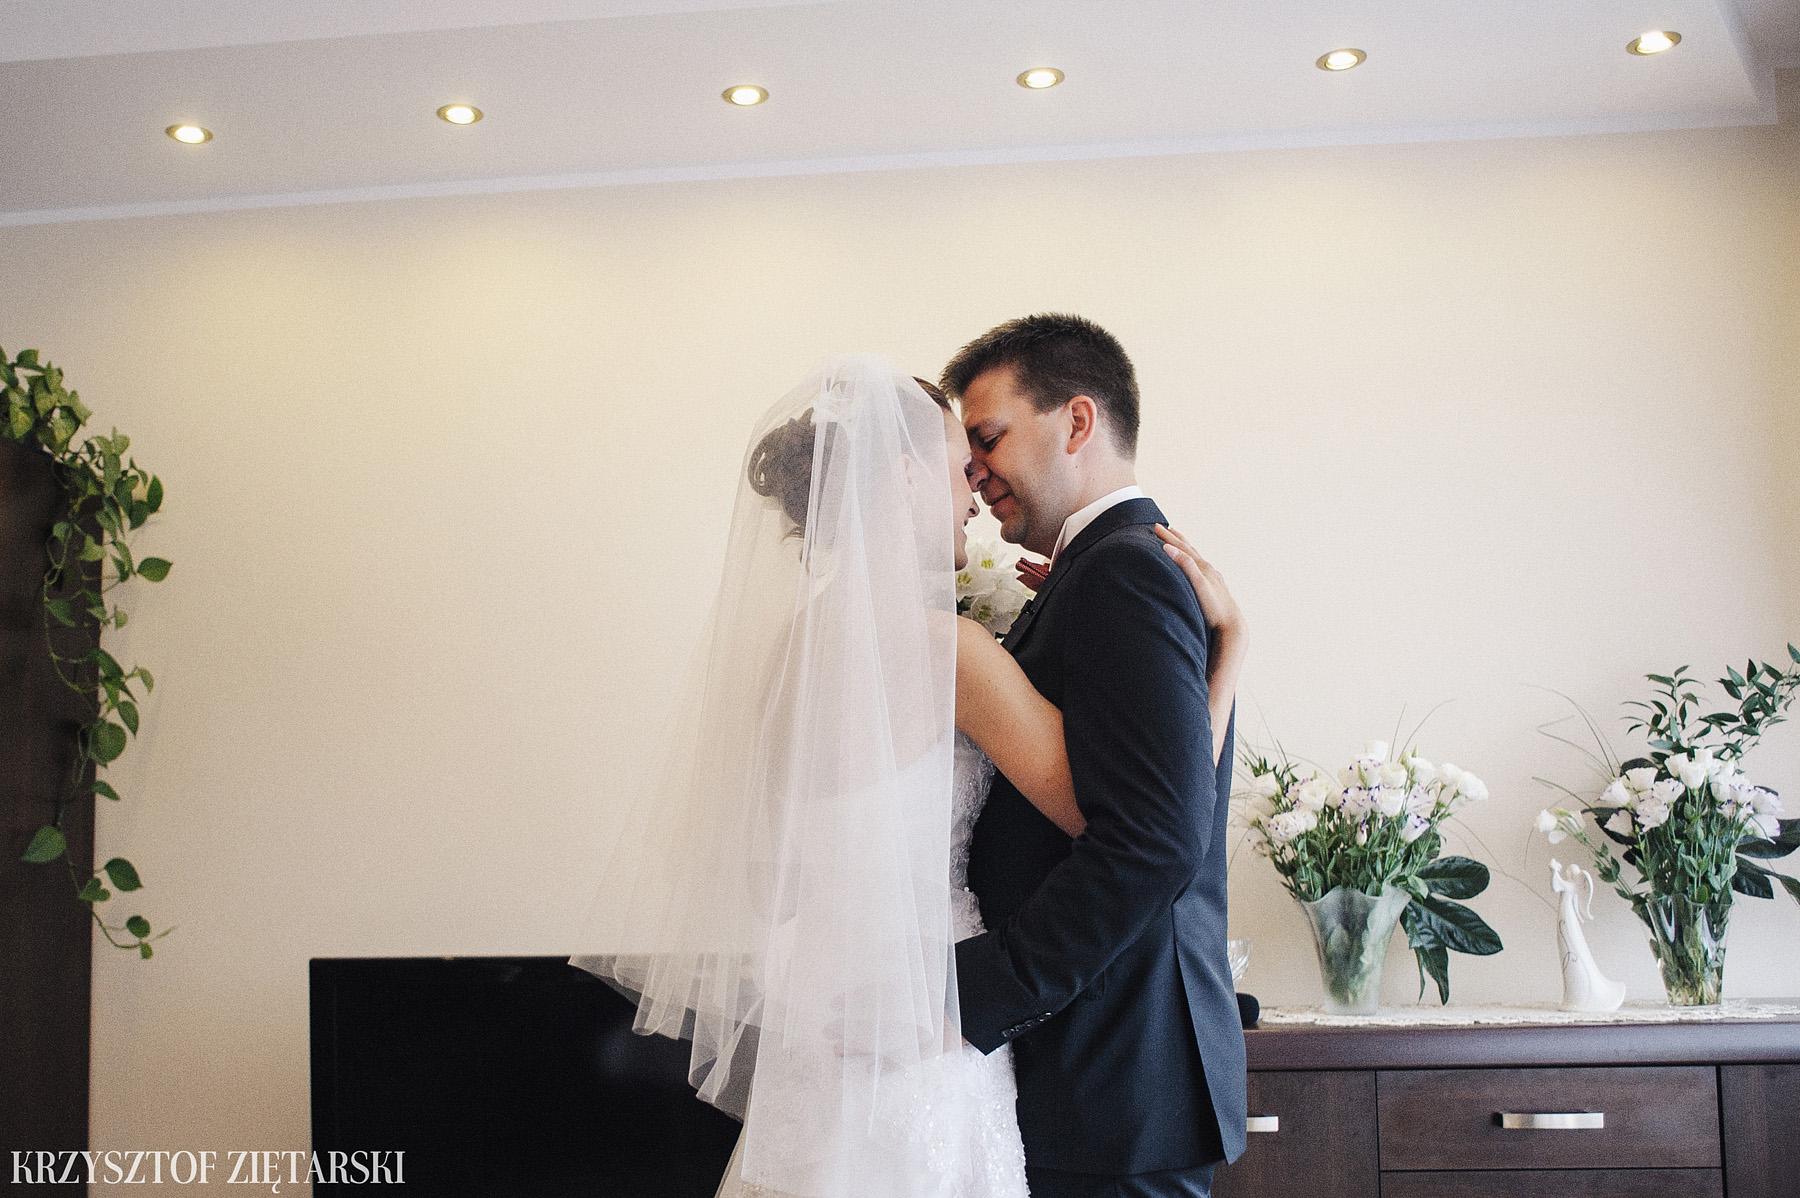 Karolina i Jacek - Fotografia ślubna Gdańsk, Chwaszczyno, Gościniec dla Przyjaciół Wyczechowo Hilary - 2.